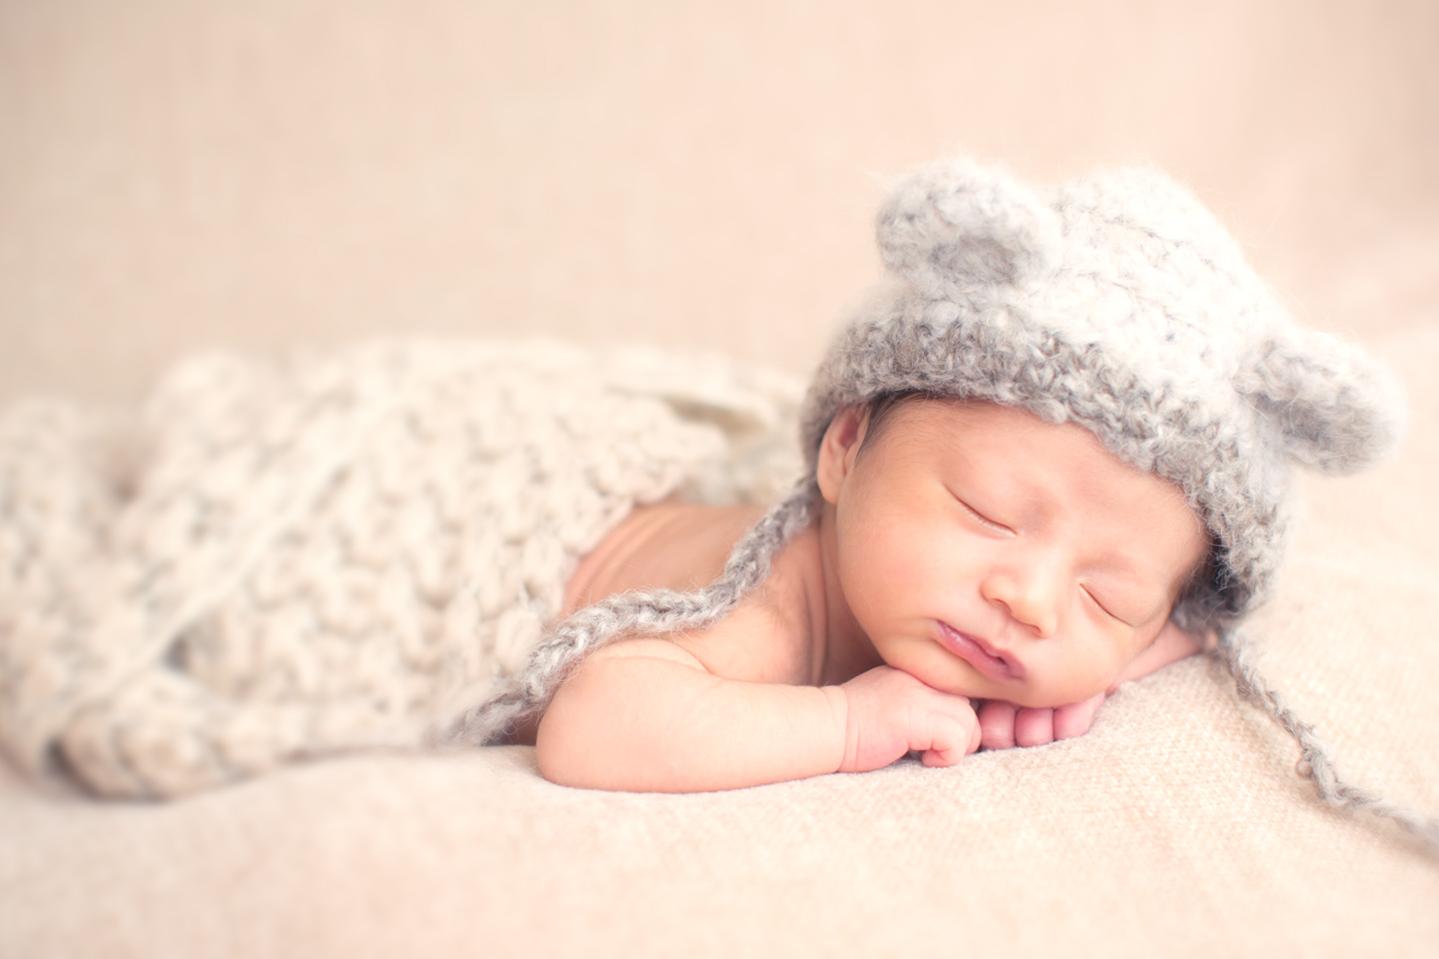 kiki_newborn_1440_01